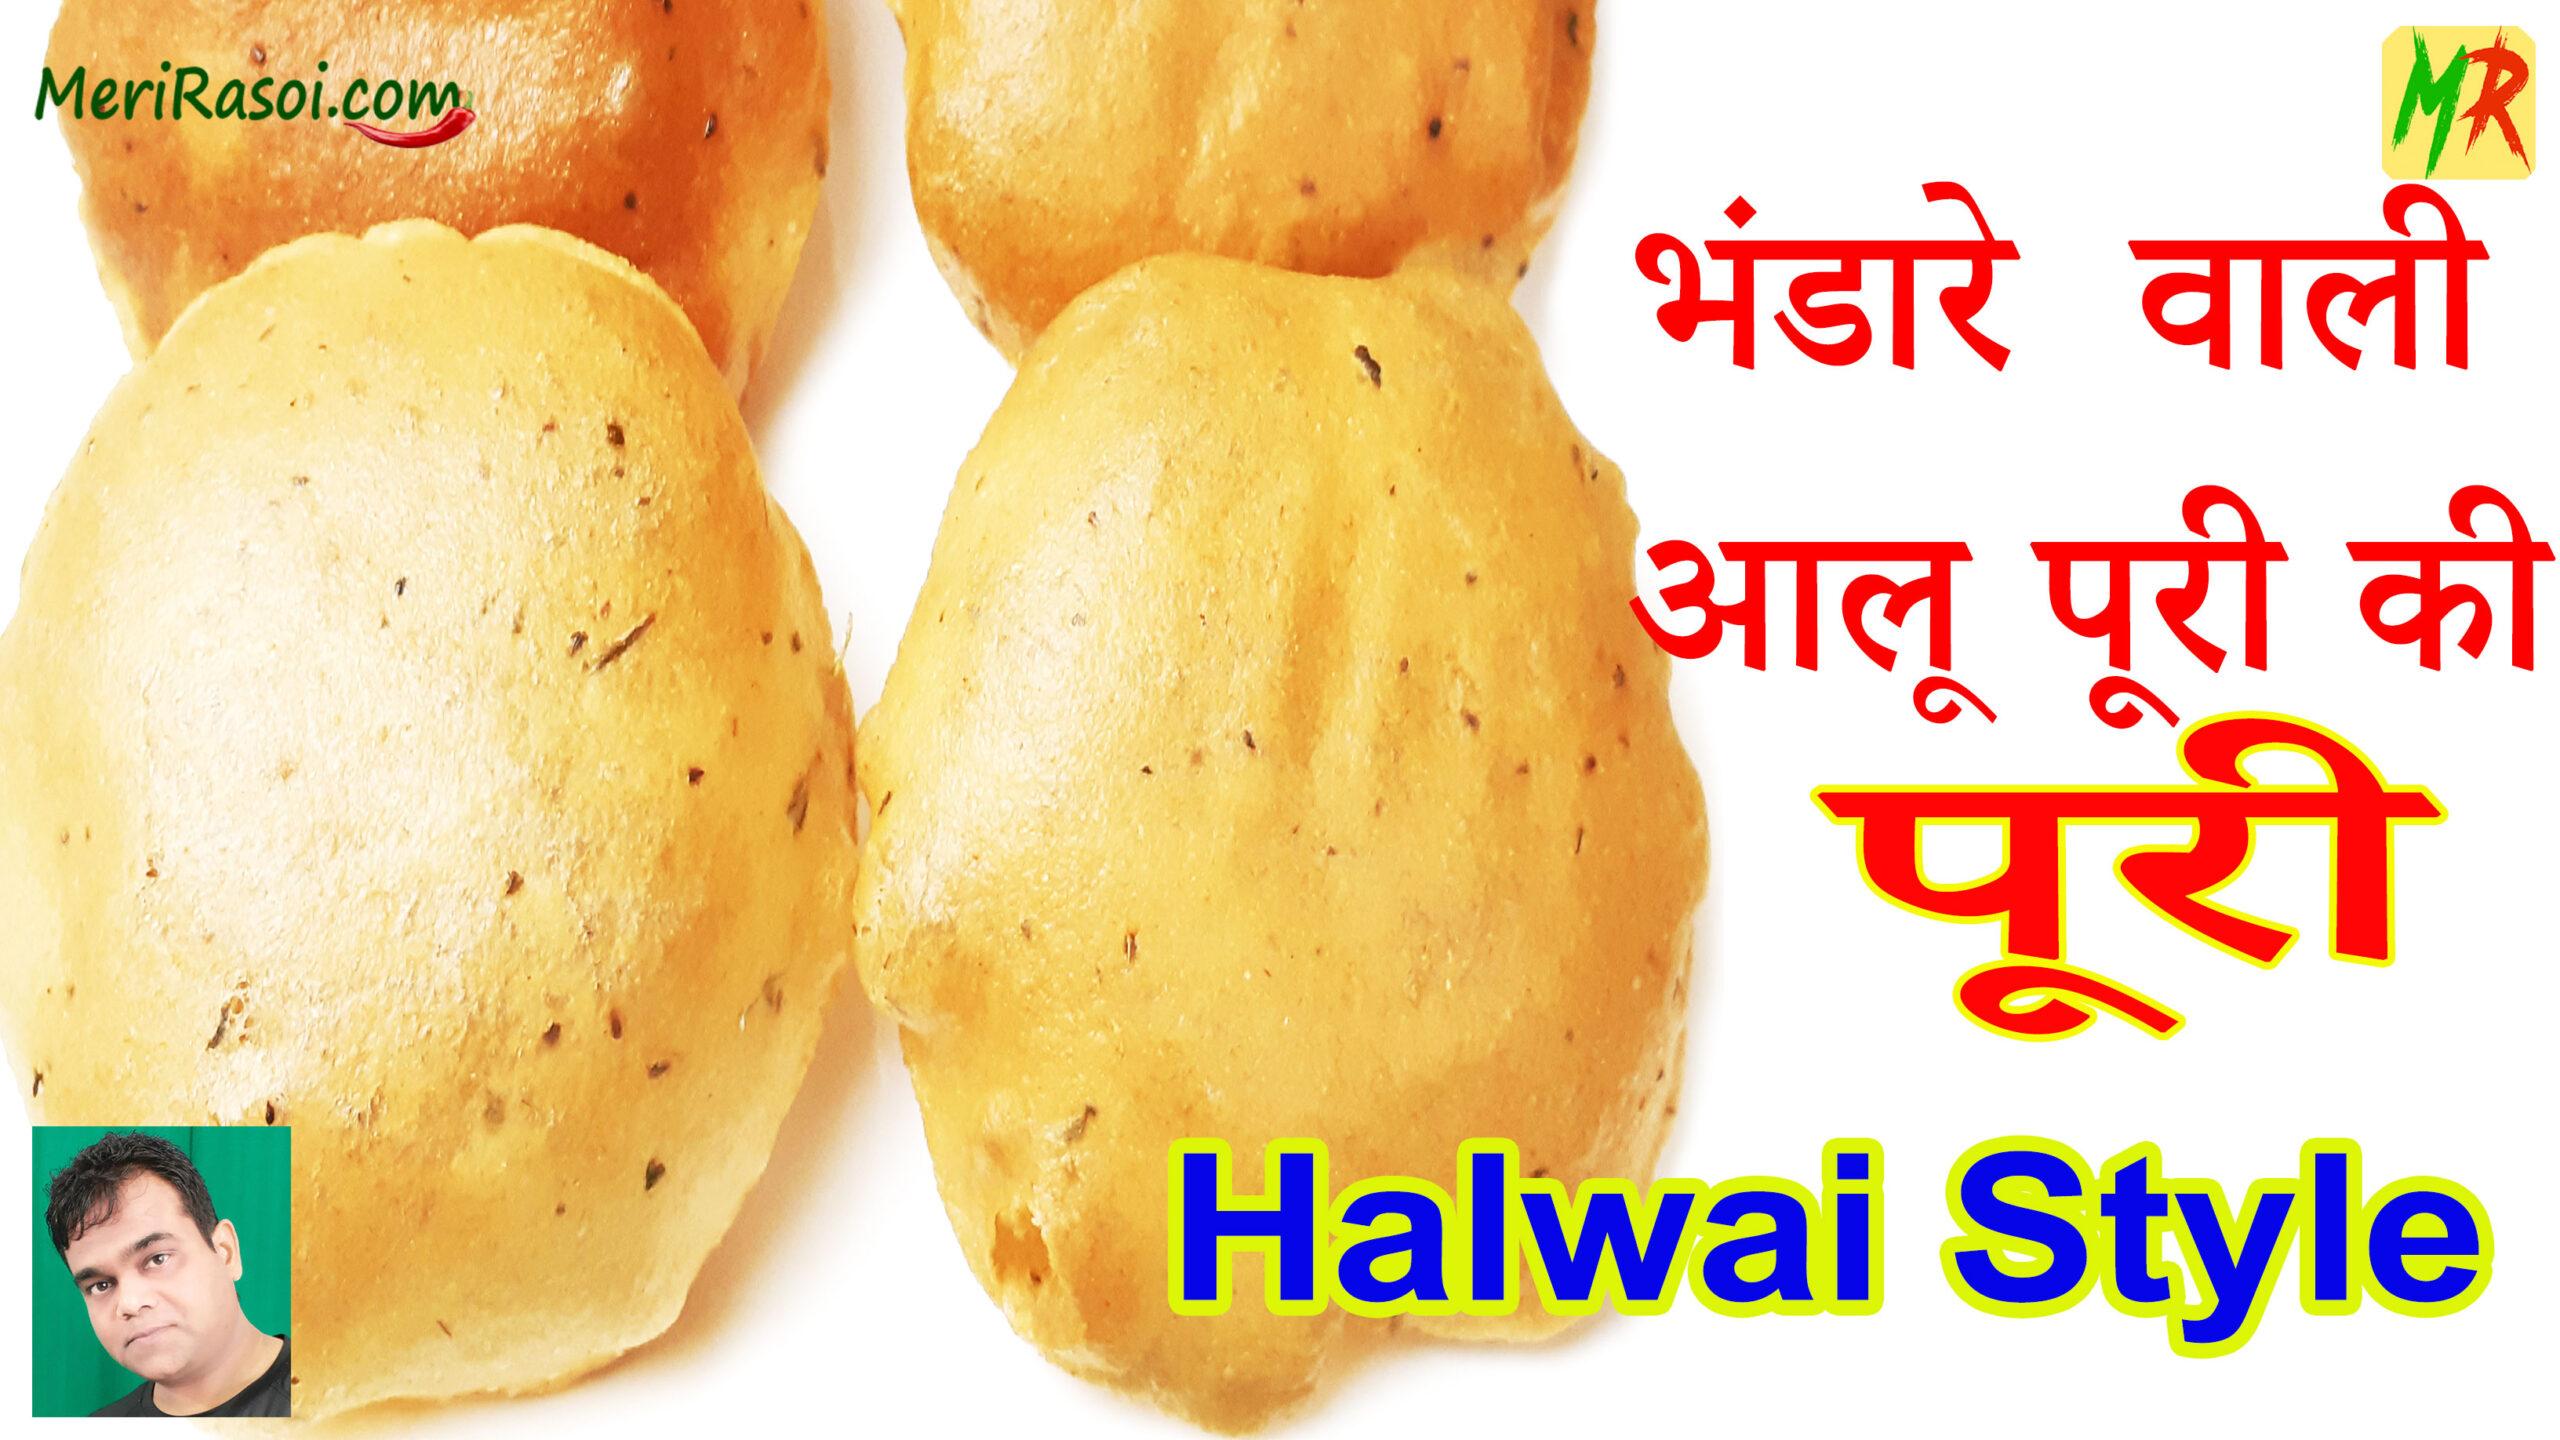 भंडारे वाले आलू पूरी की पूरी एकदम हलवाई स्टाइल में | Halwai Style Poori Aloo ki Poori (Puri) Recipe